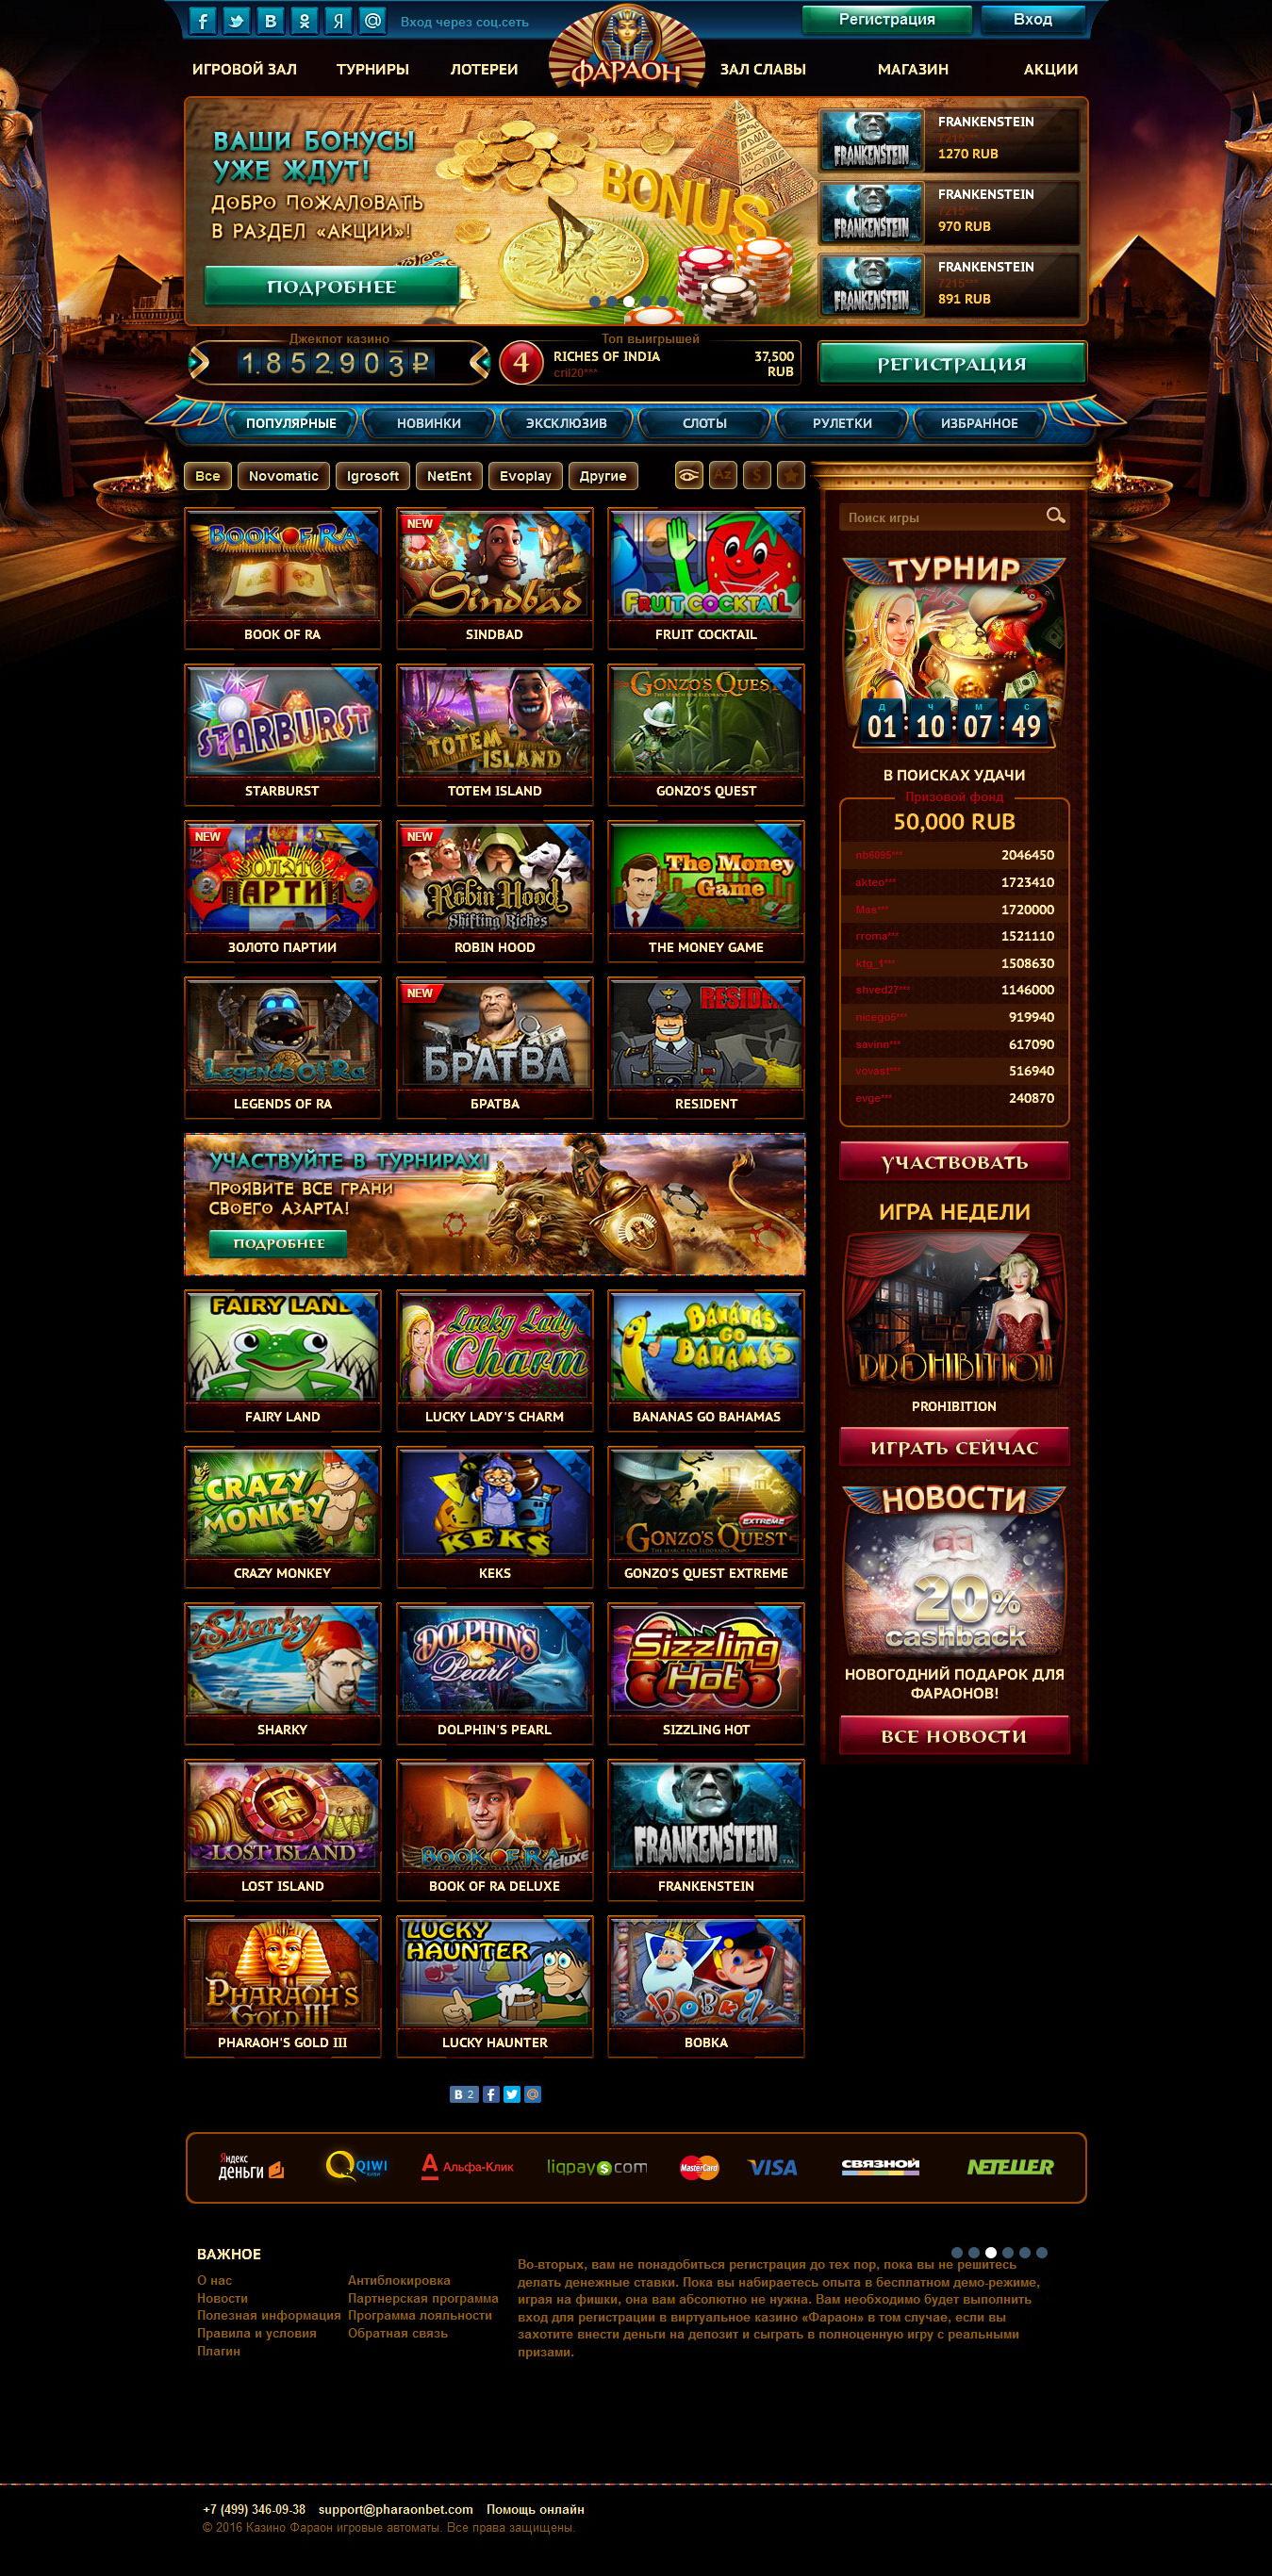 Скачать для телефона игровые автоматы php forum software 7 3 игровые автоматы онлайн бесплатно играть